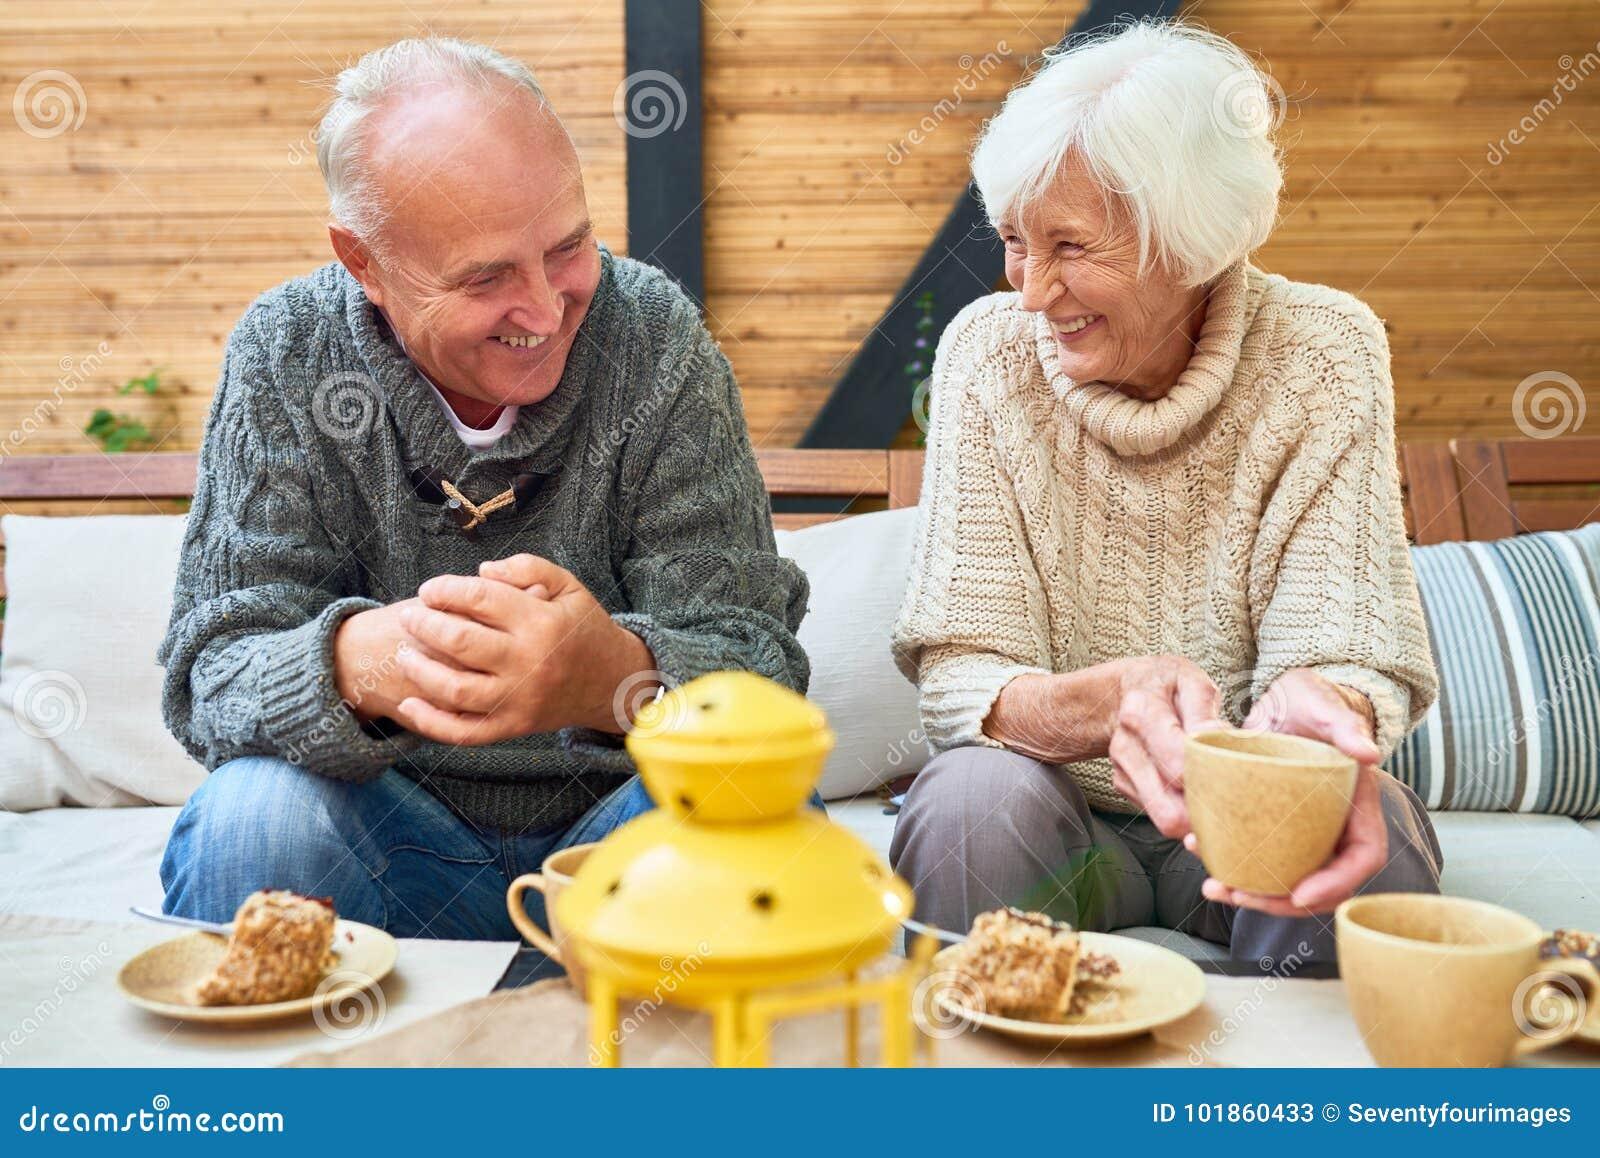 Happy Senior Couple in Retirement